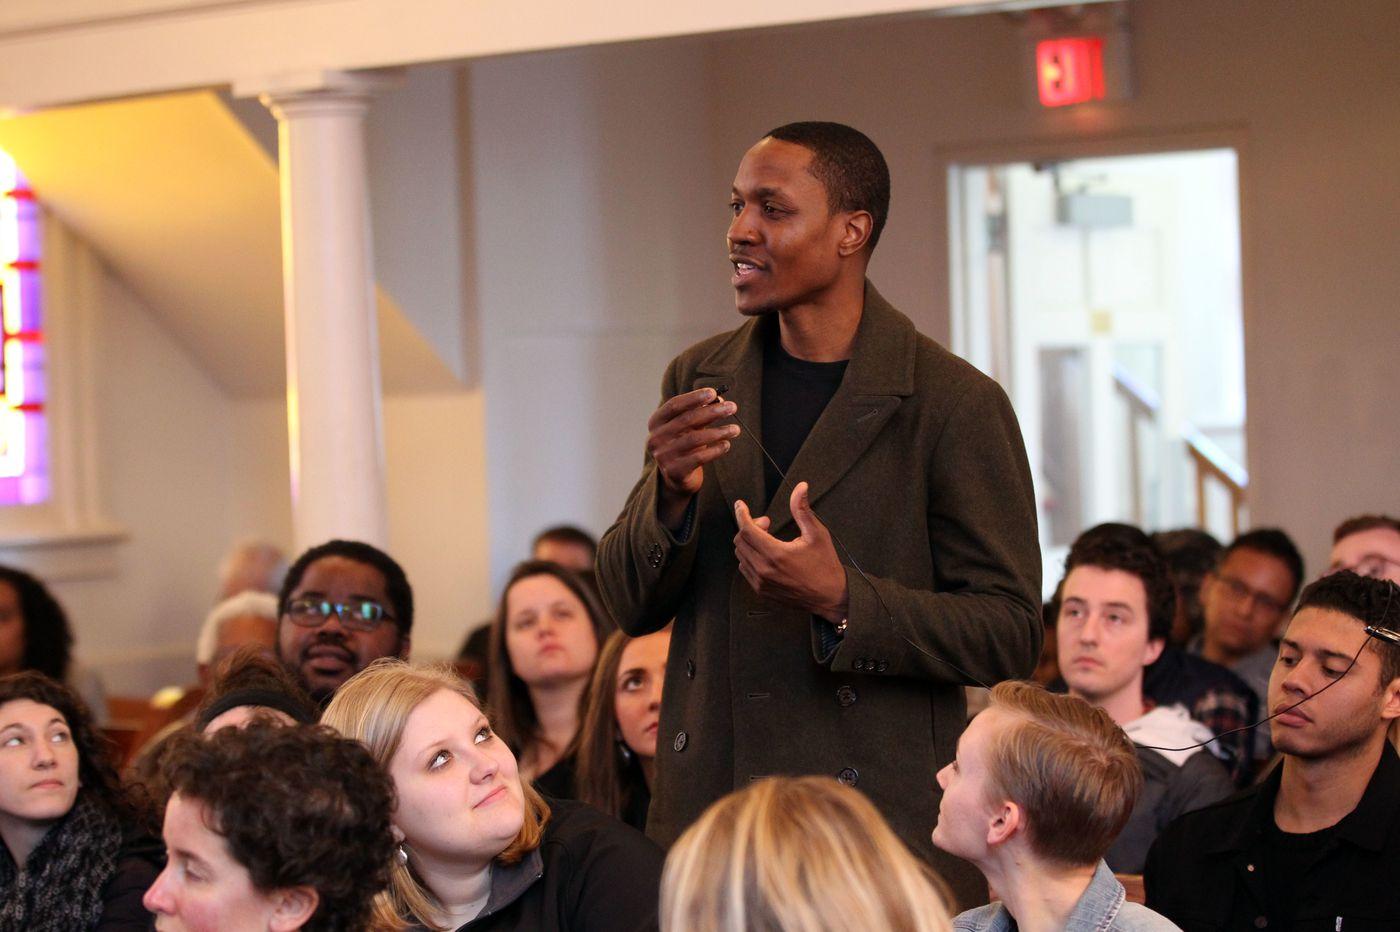 Black students at Princeton Theological Seminary demand reparations